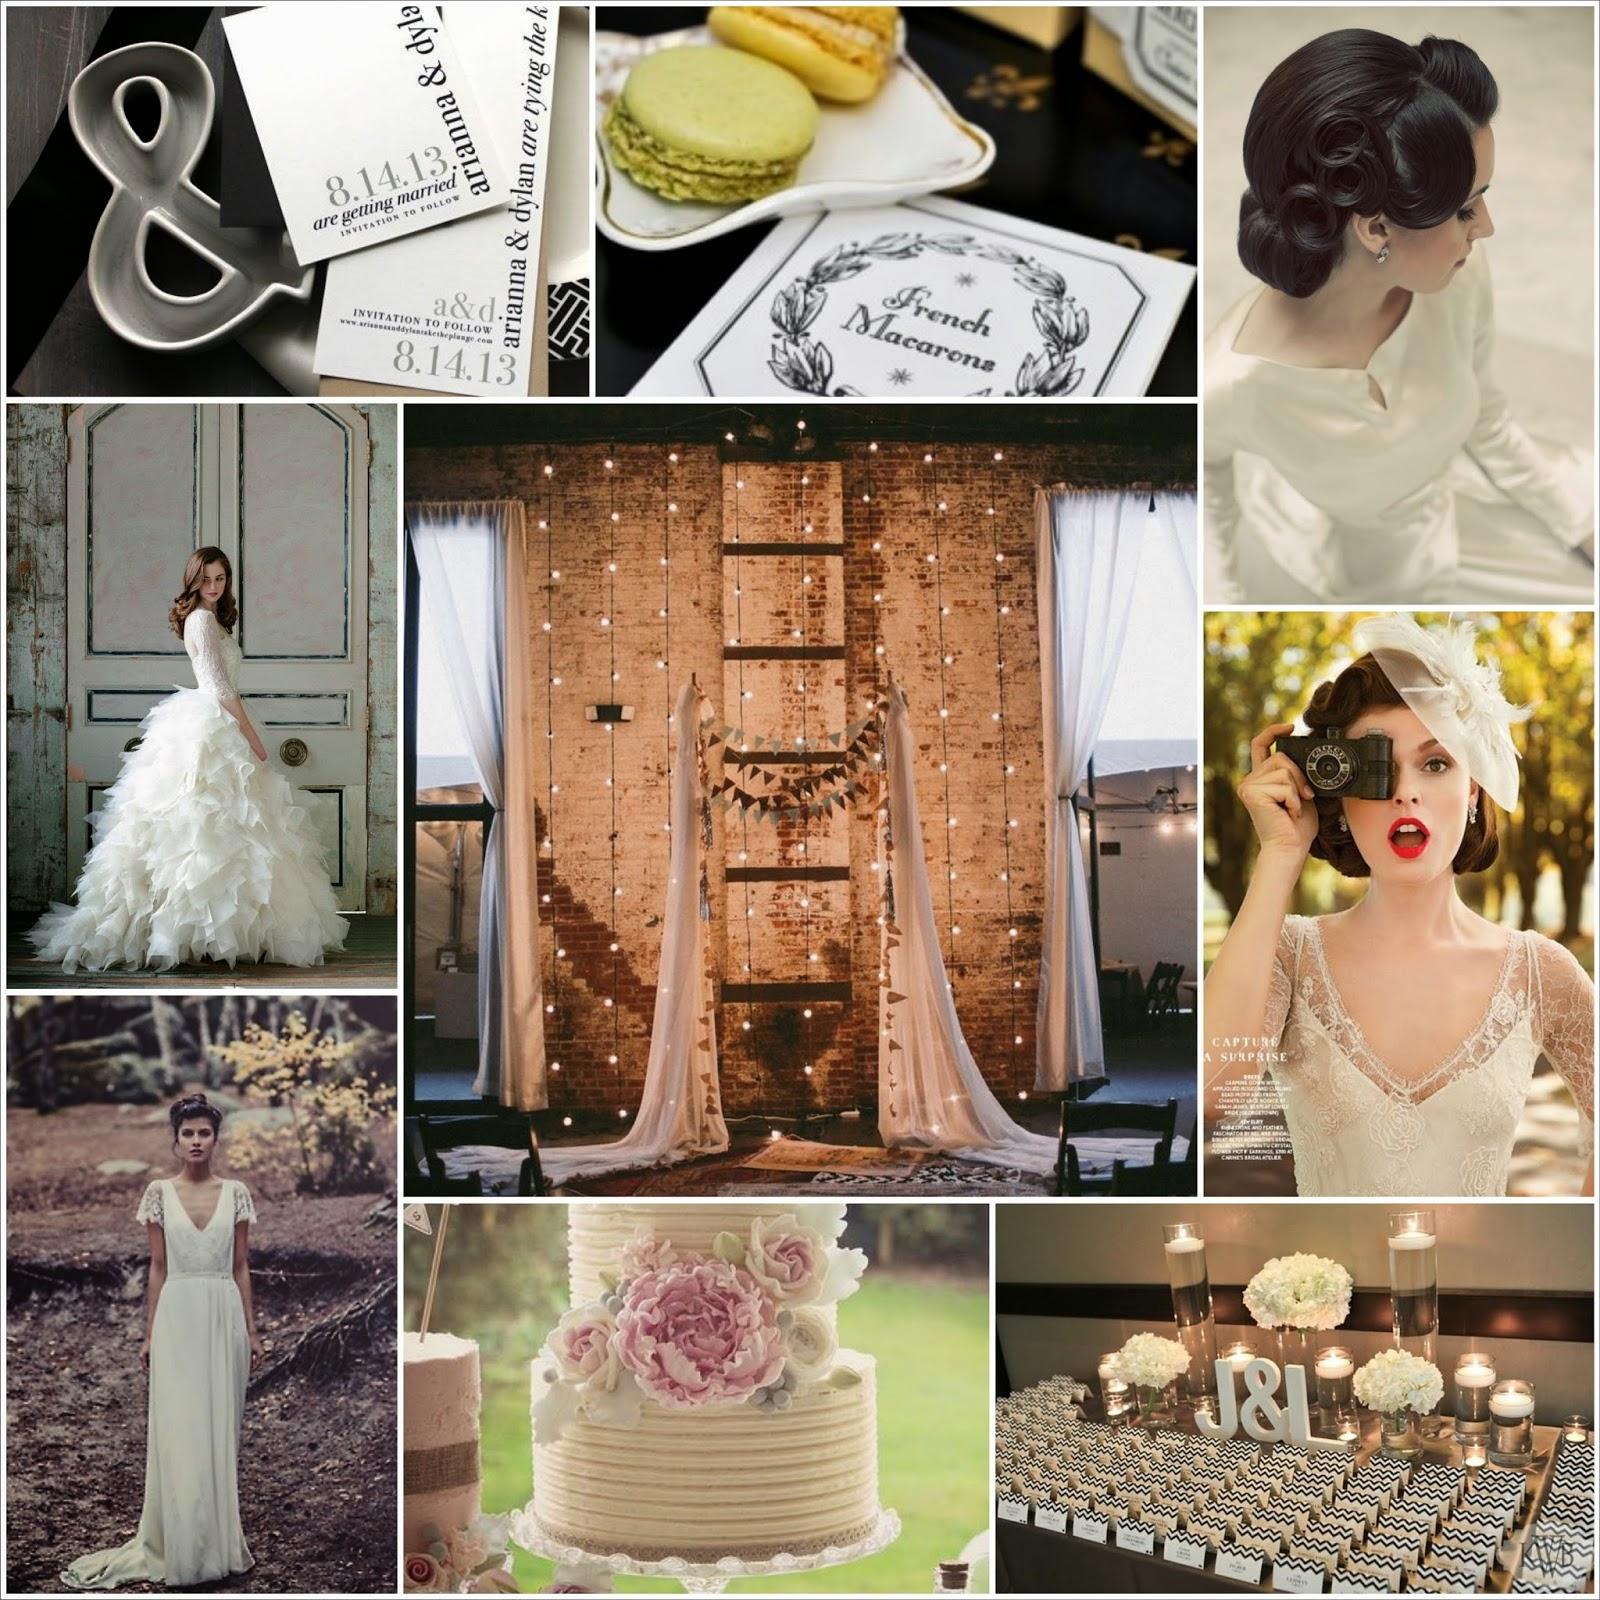 Blog de tu d a con amor invitaciones y detalles de boda - Cosas para preparar una boda ...